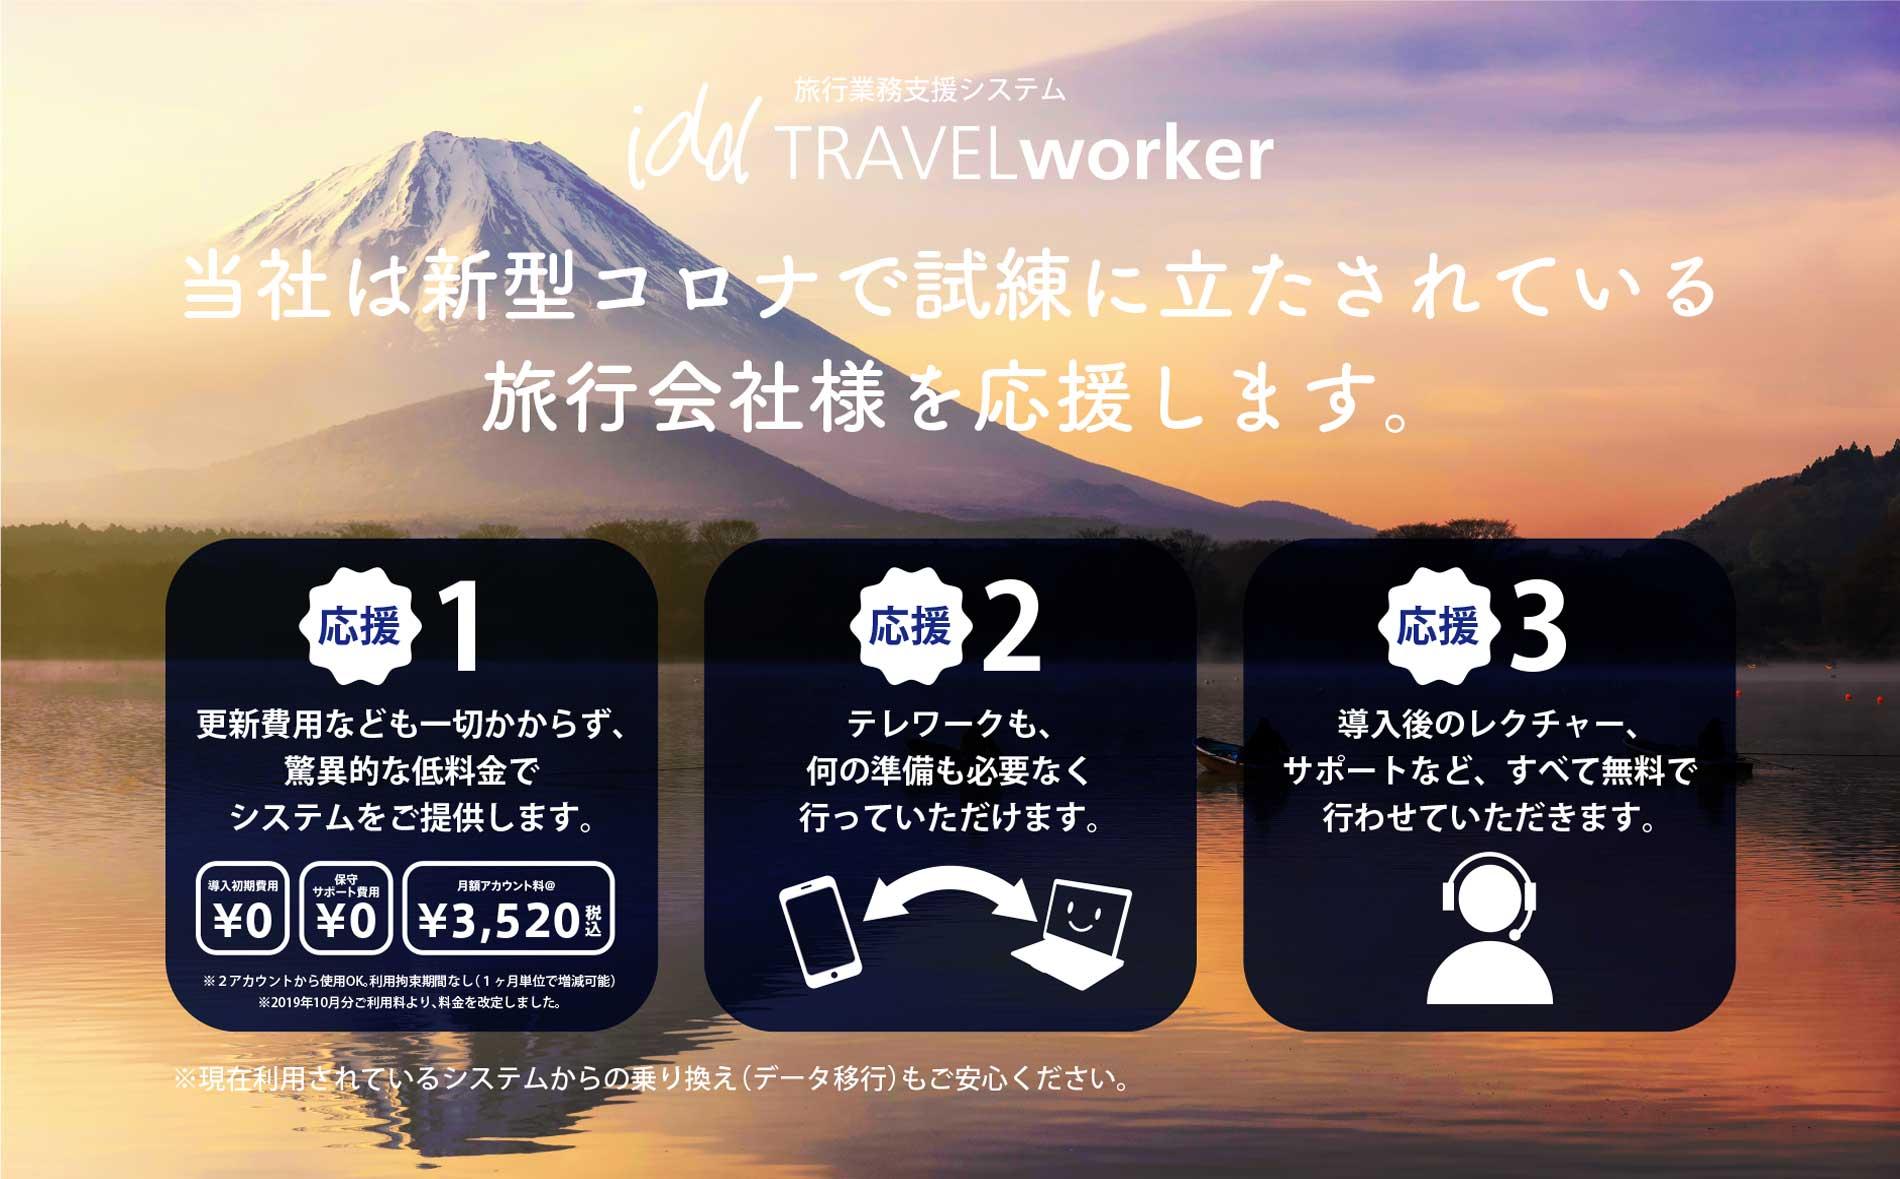 当社は新型コロナで試練に立たされている旅行会社様を応援します。